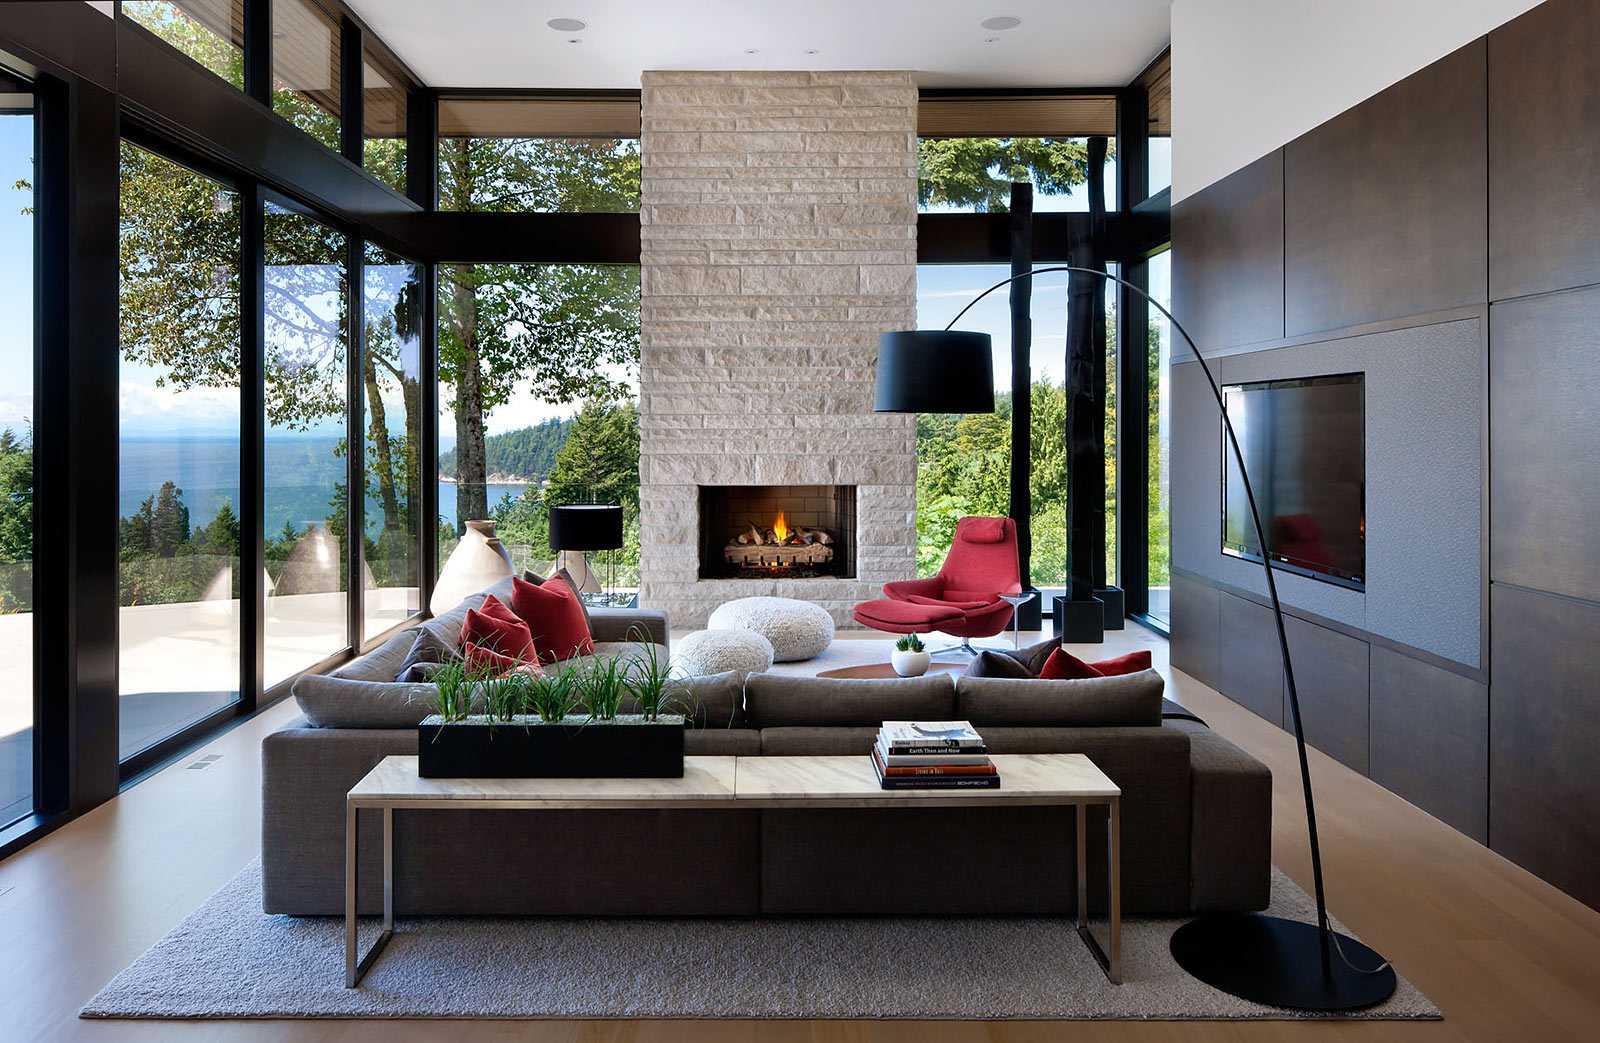 Phong cách thiết kế nội thất phổ biển nhất